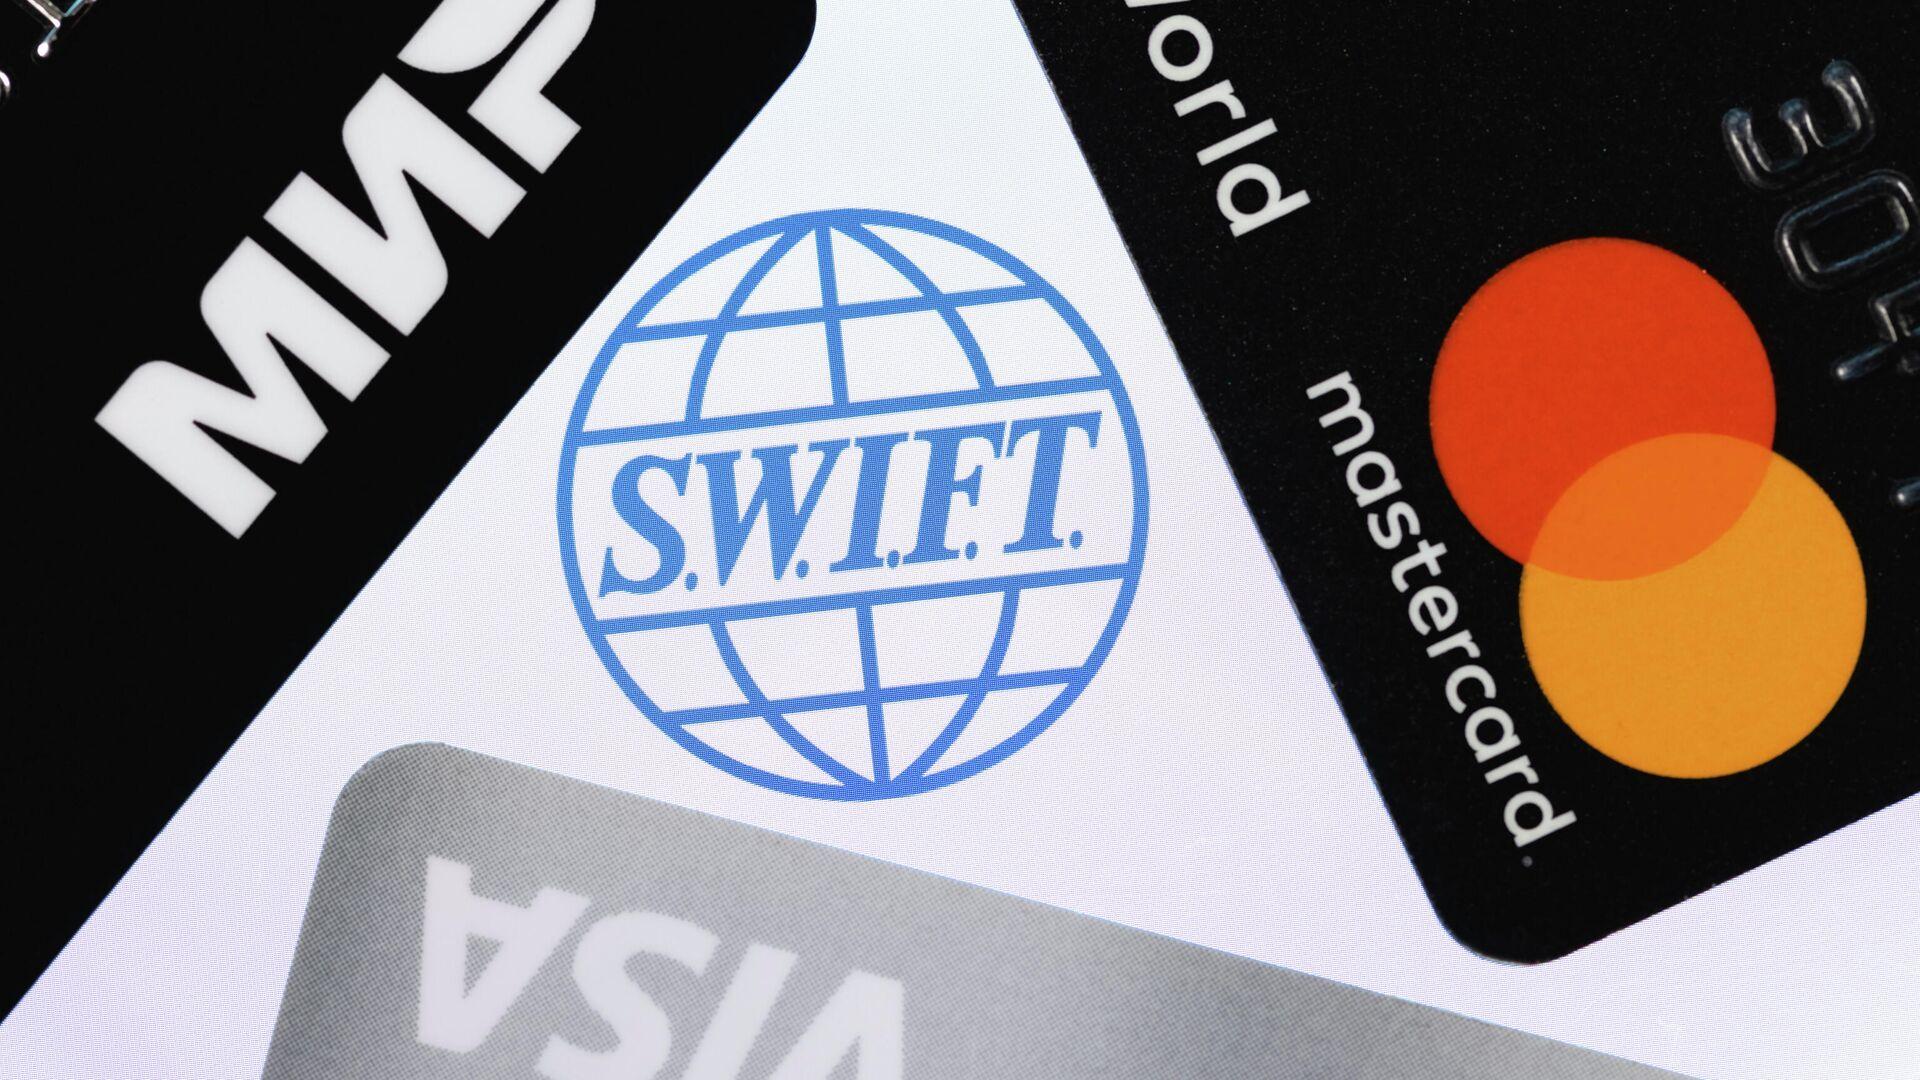 Логотип сети межбанковских телекоммуникаций SWIFT и банковские карты - РИА Новости, 1920, 18.05.2021